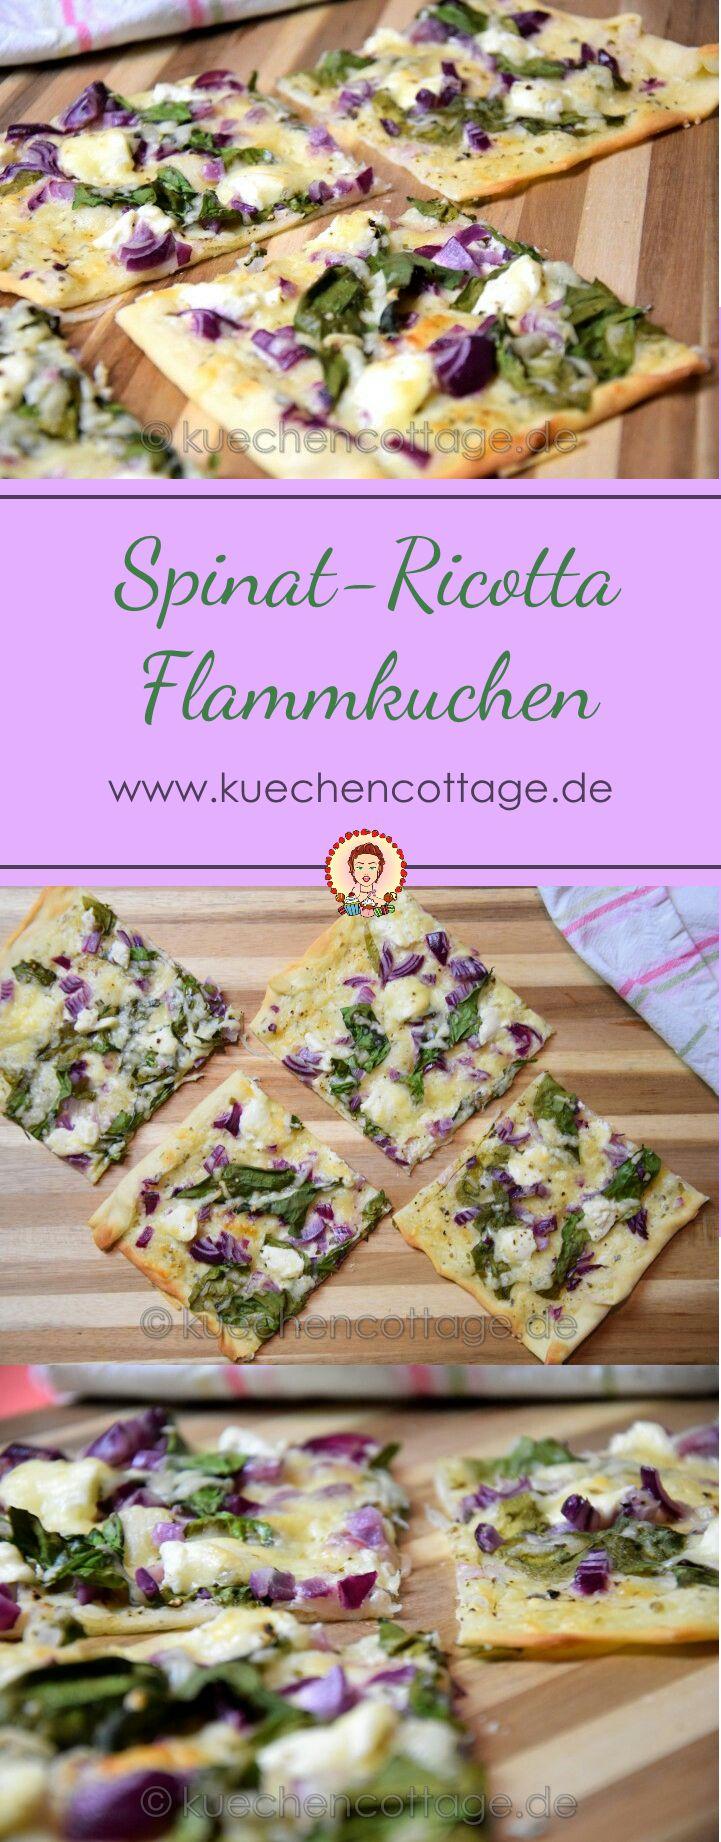 Spinat-Ricotta-Flammkuchen